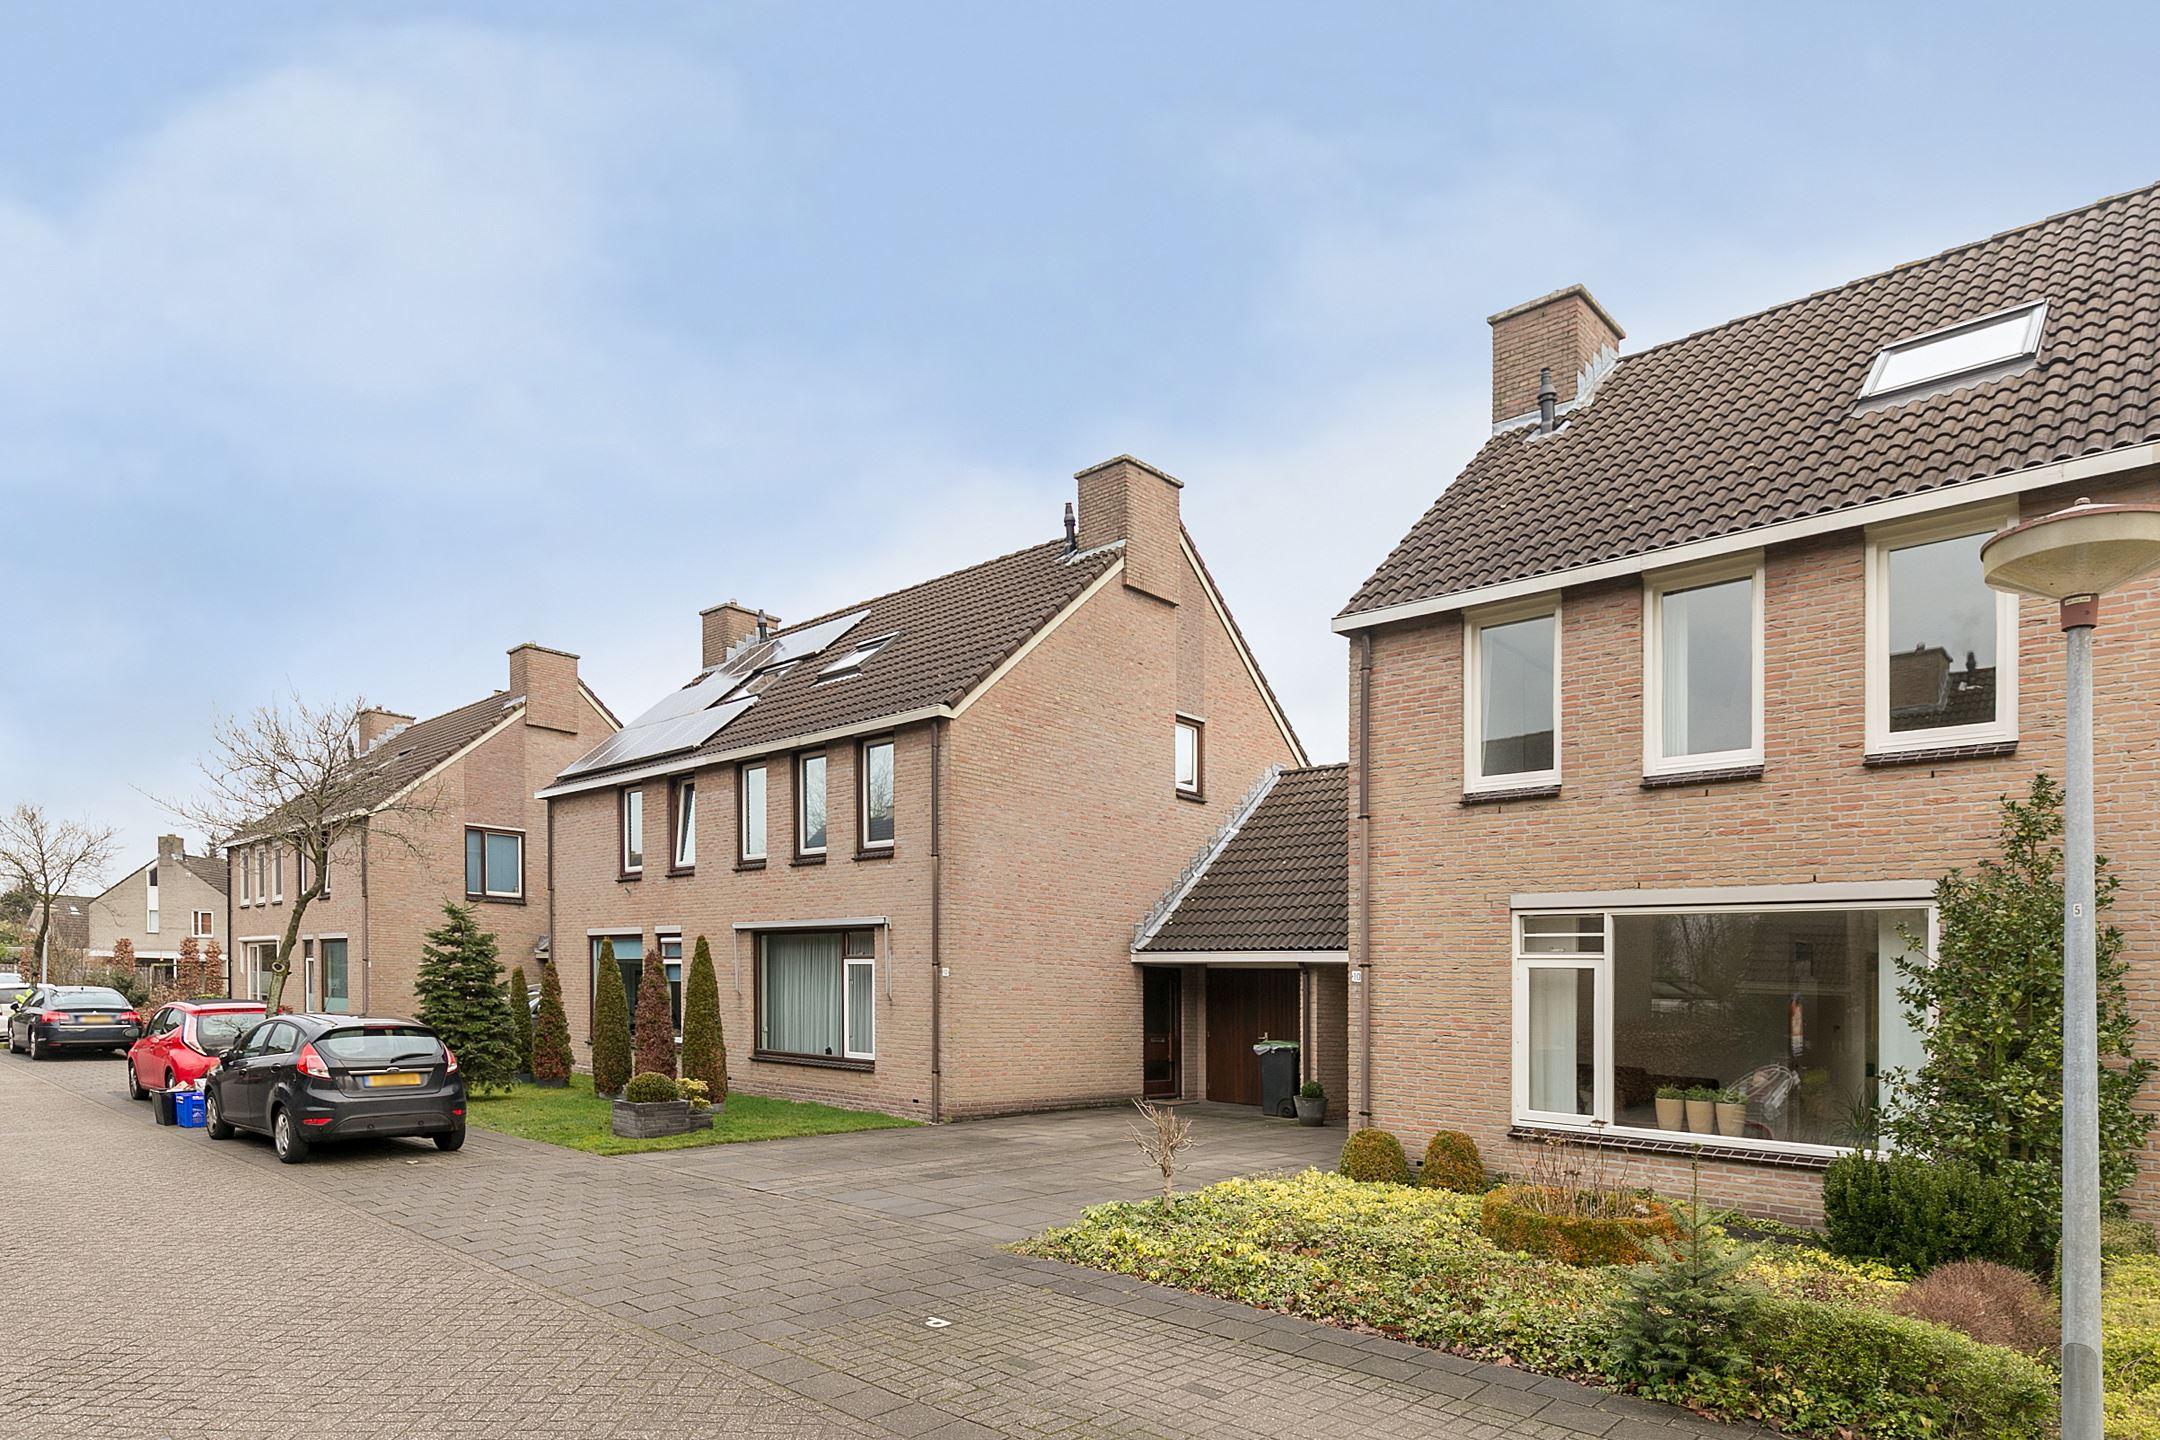 Huis te koop garonnelaan 10 5627 vv eindhoven funda - Huis vv ...